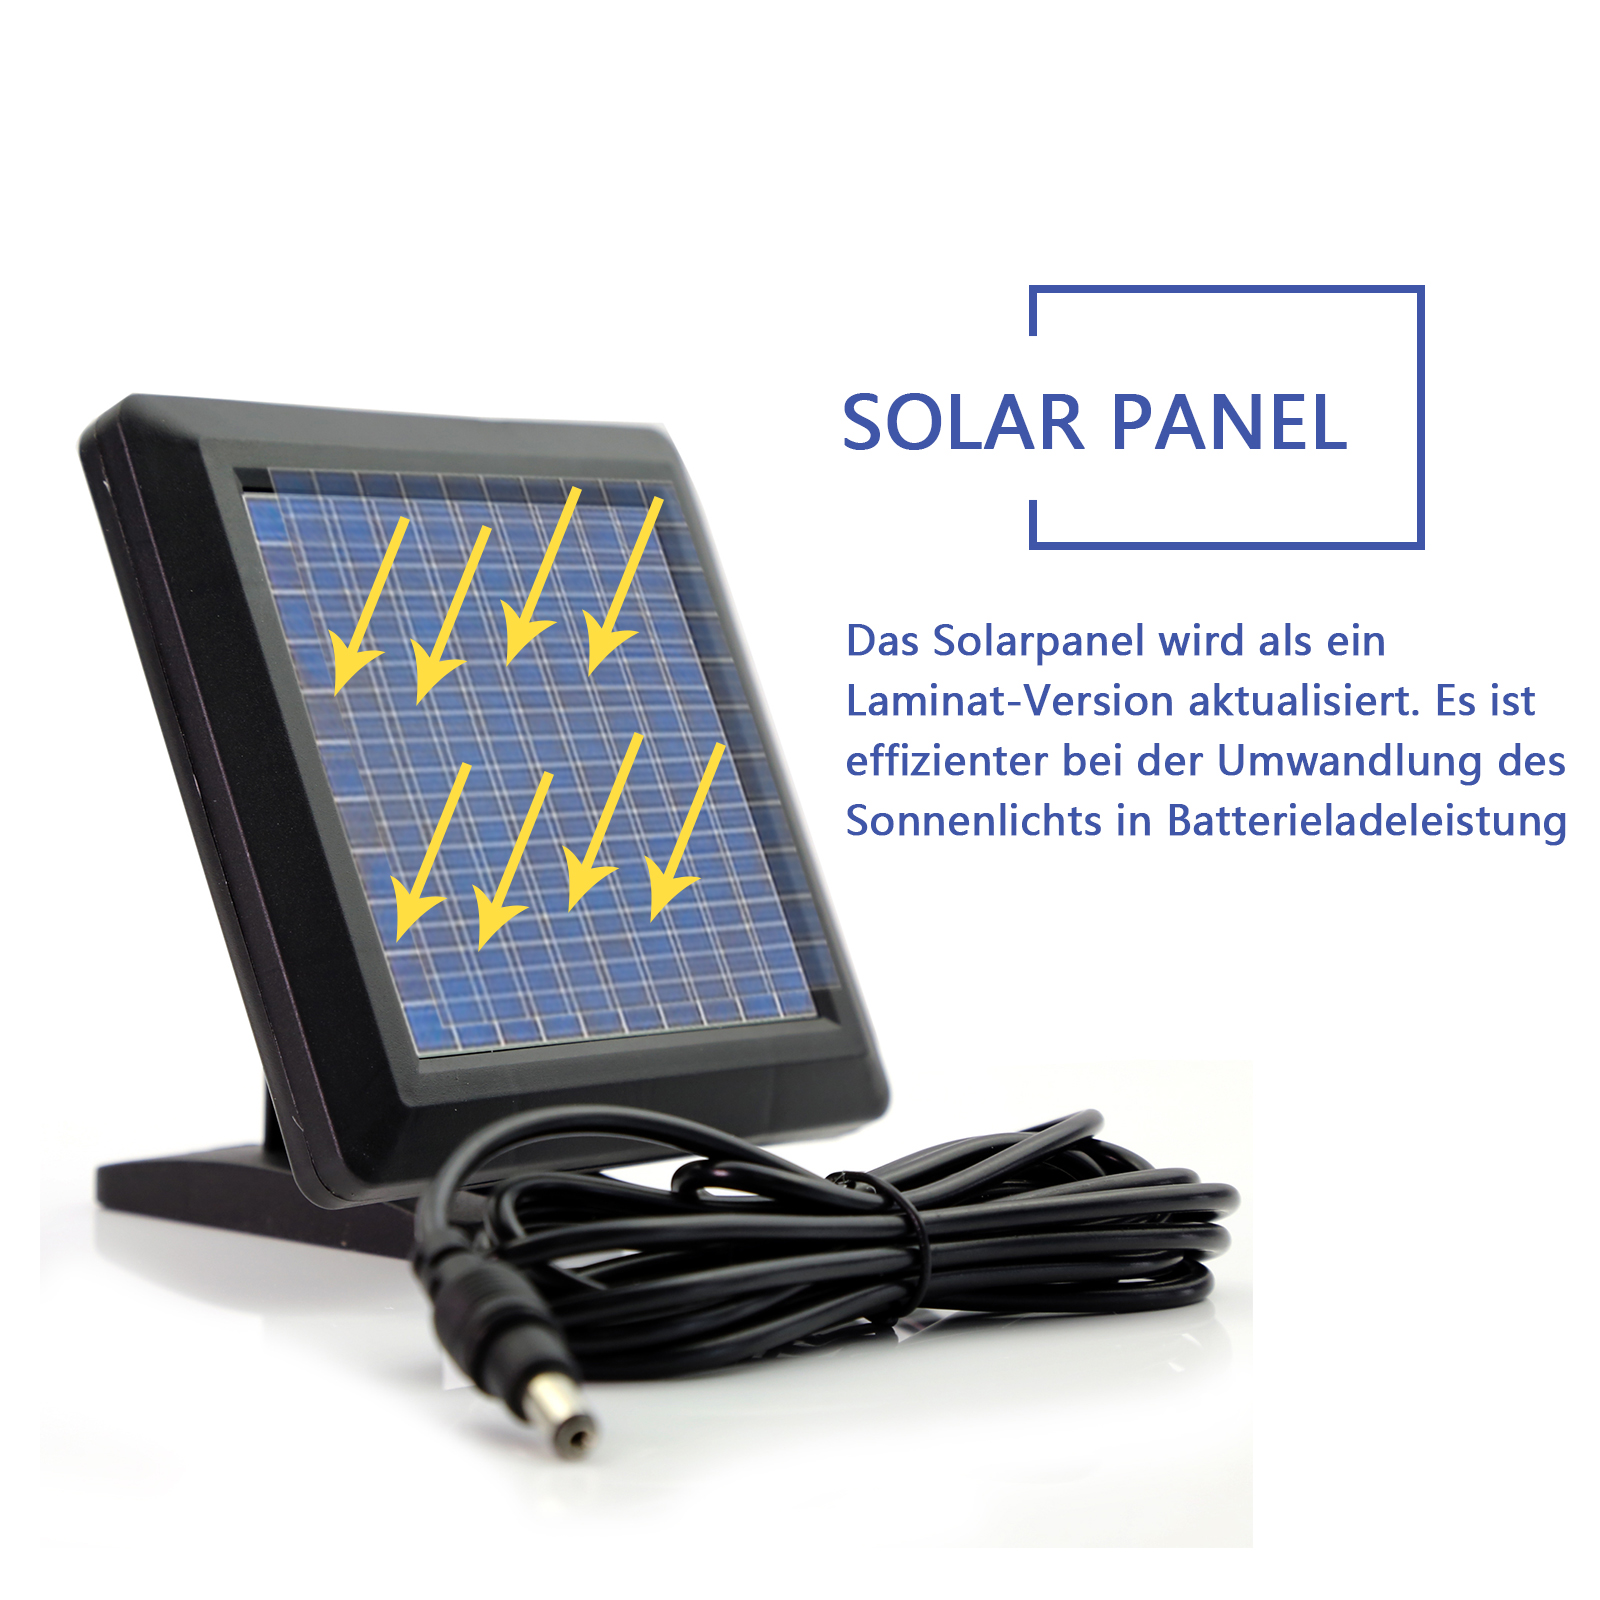 led solarleuchte solarlampe au enleuchte solarstrahler bewegungsmelder garten ebay. Black Bedroom Furniture Sets. Home Design Ideas